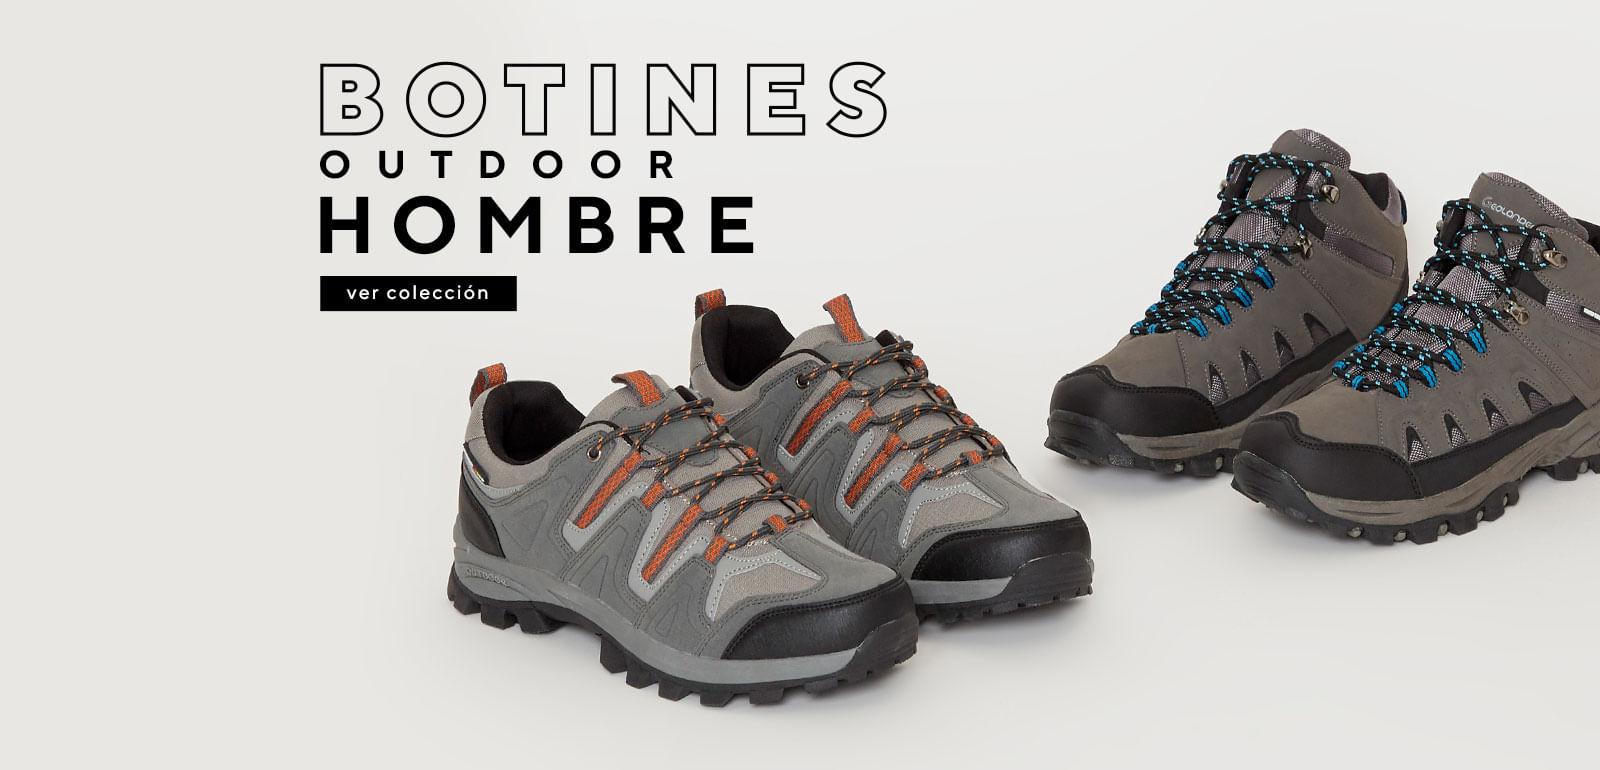 4a5806e2cf7 http   www.corona.cl moda calzado